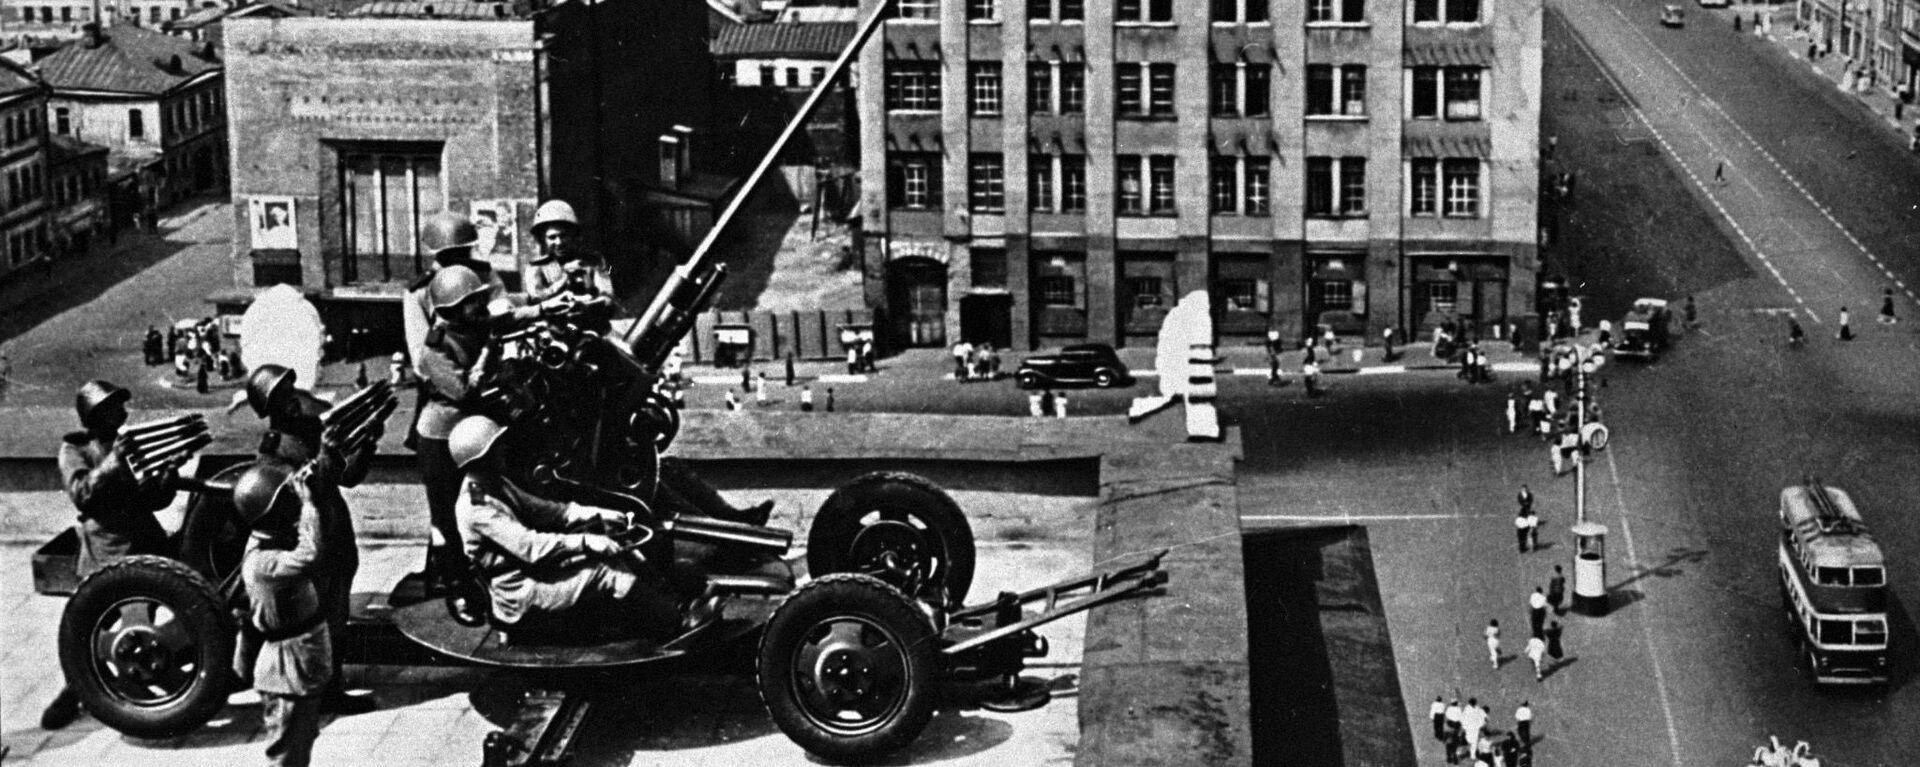 Obrana Moskvy během 2. světové války - Sputnik Česká republika, 1920, 22.07.2021